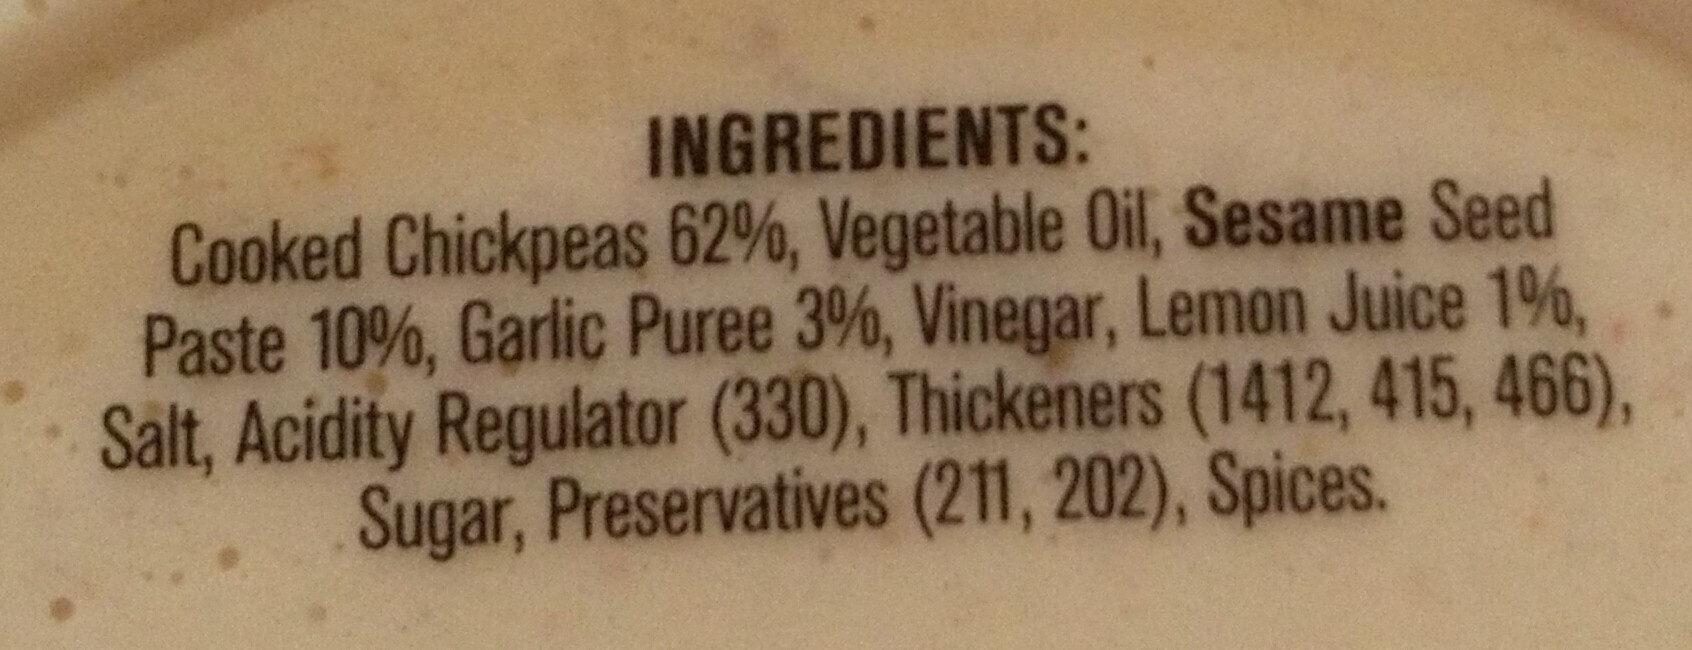 Black Swan Hommus Dip - Ingredients - en